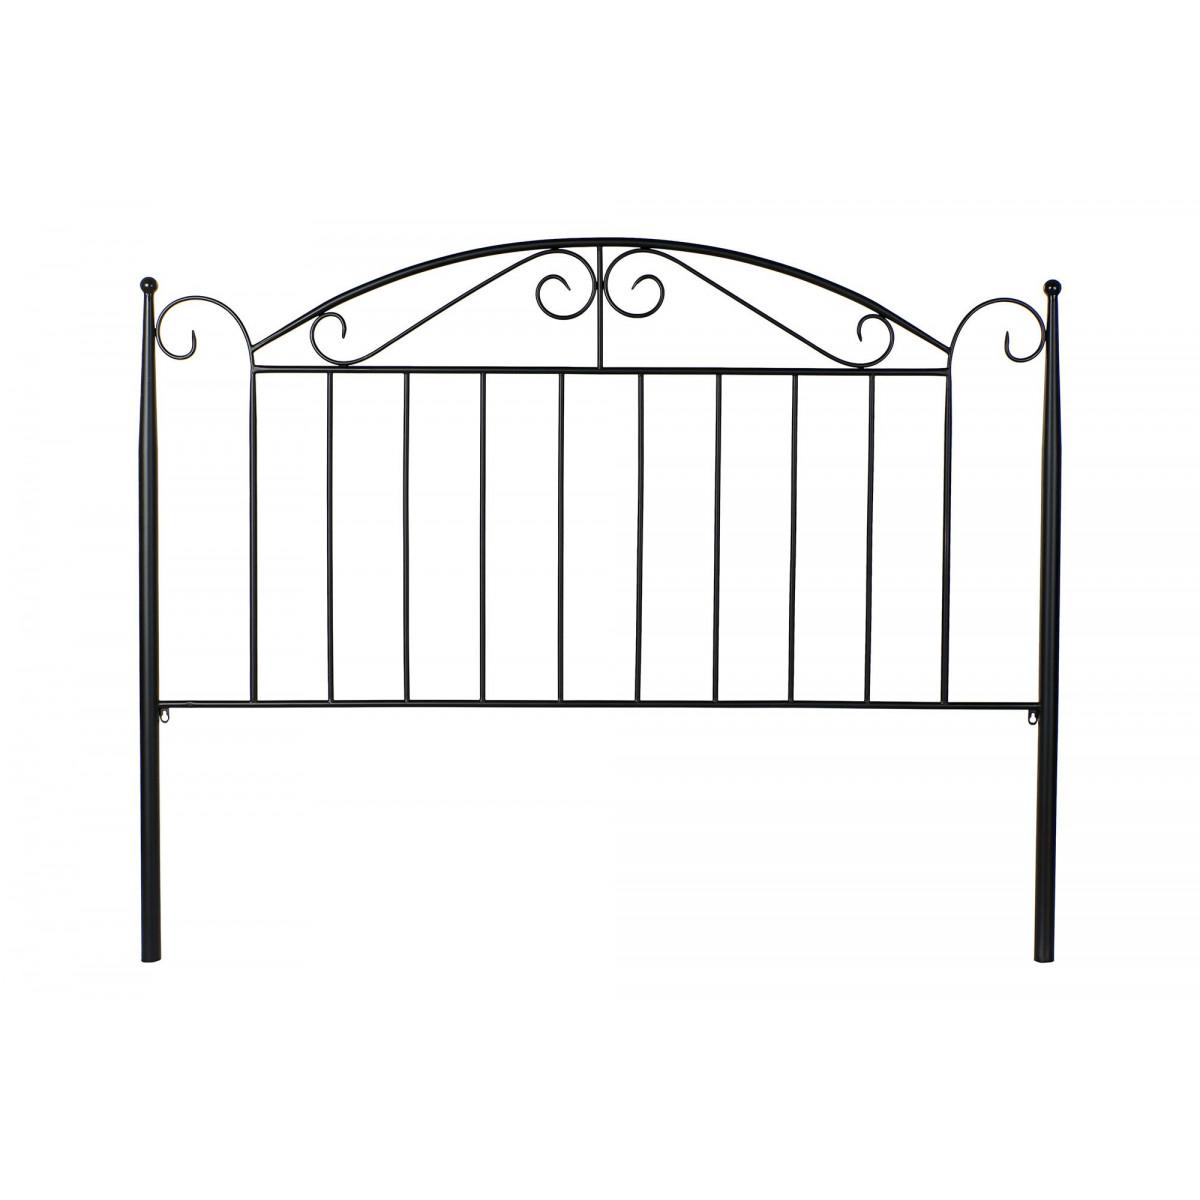 Tête de lit classique en fer forgé noir 150cm